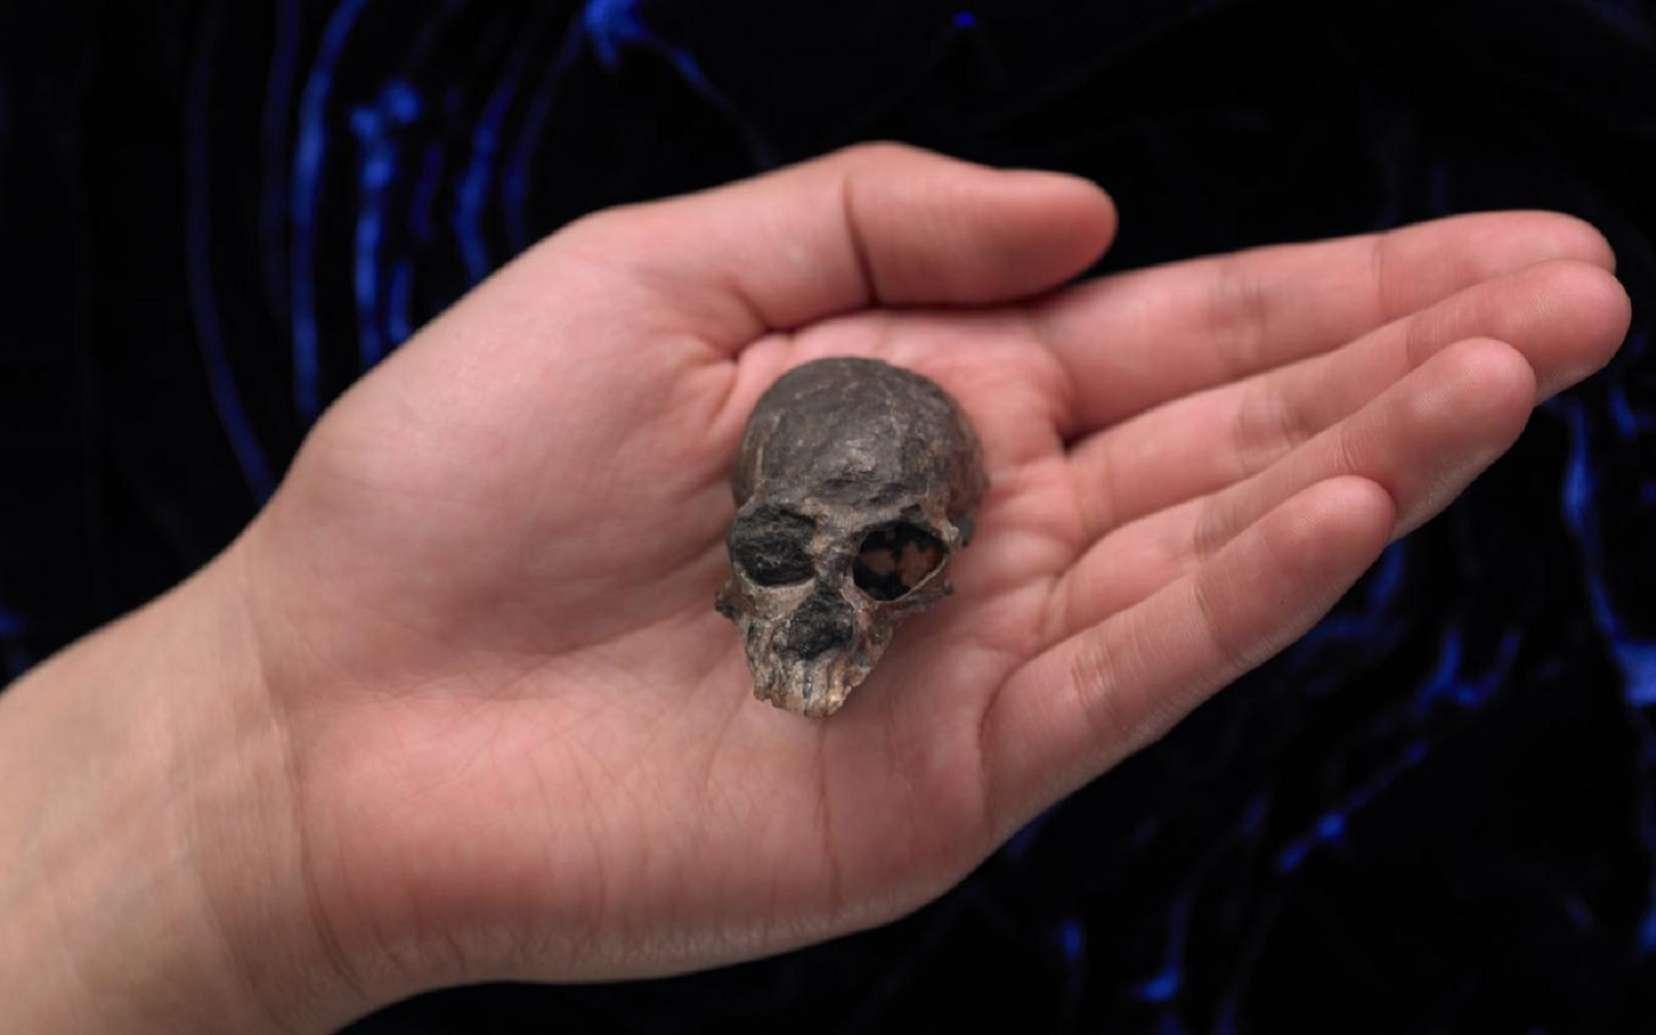 Ce minuscule crâne fossile trouvé dans les Andes au Chili date de 20 millions d'années et appartient à l'espèce Chilecebus carrascoensis.© AMNH/N. Wong and M. Ellison